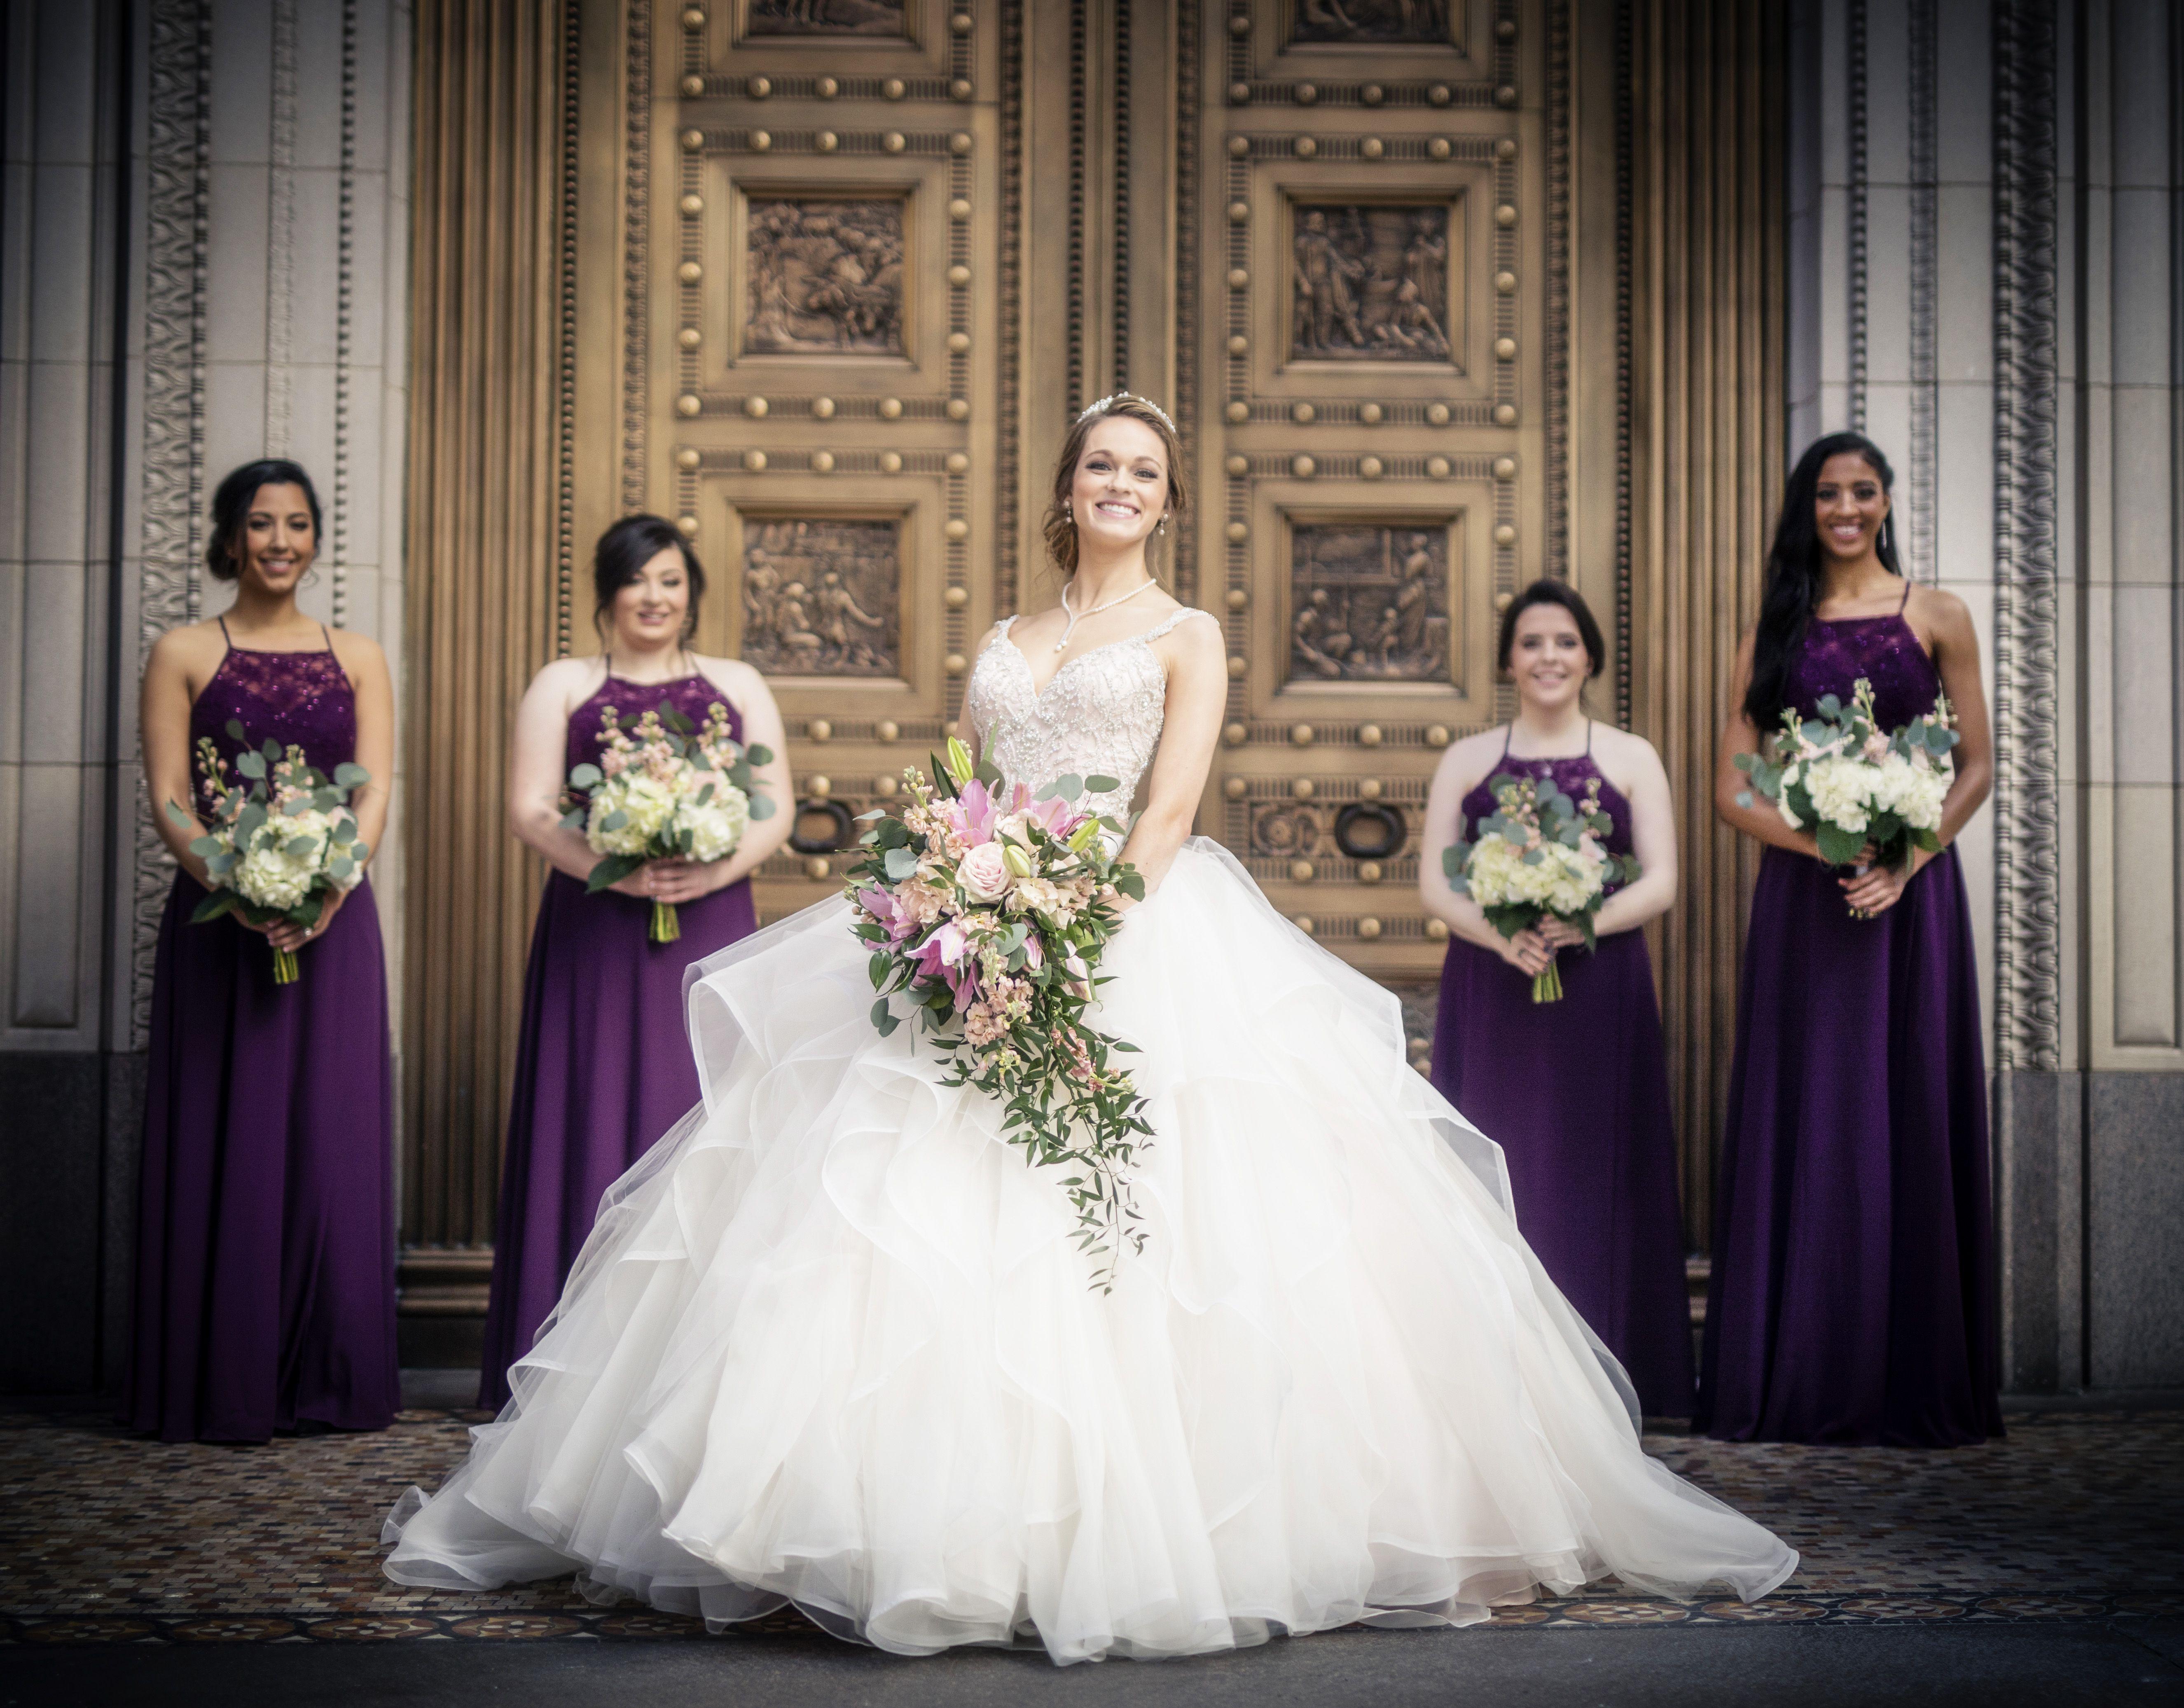 Bridesmaids in front of gold doors